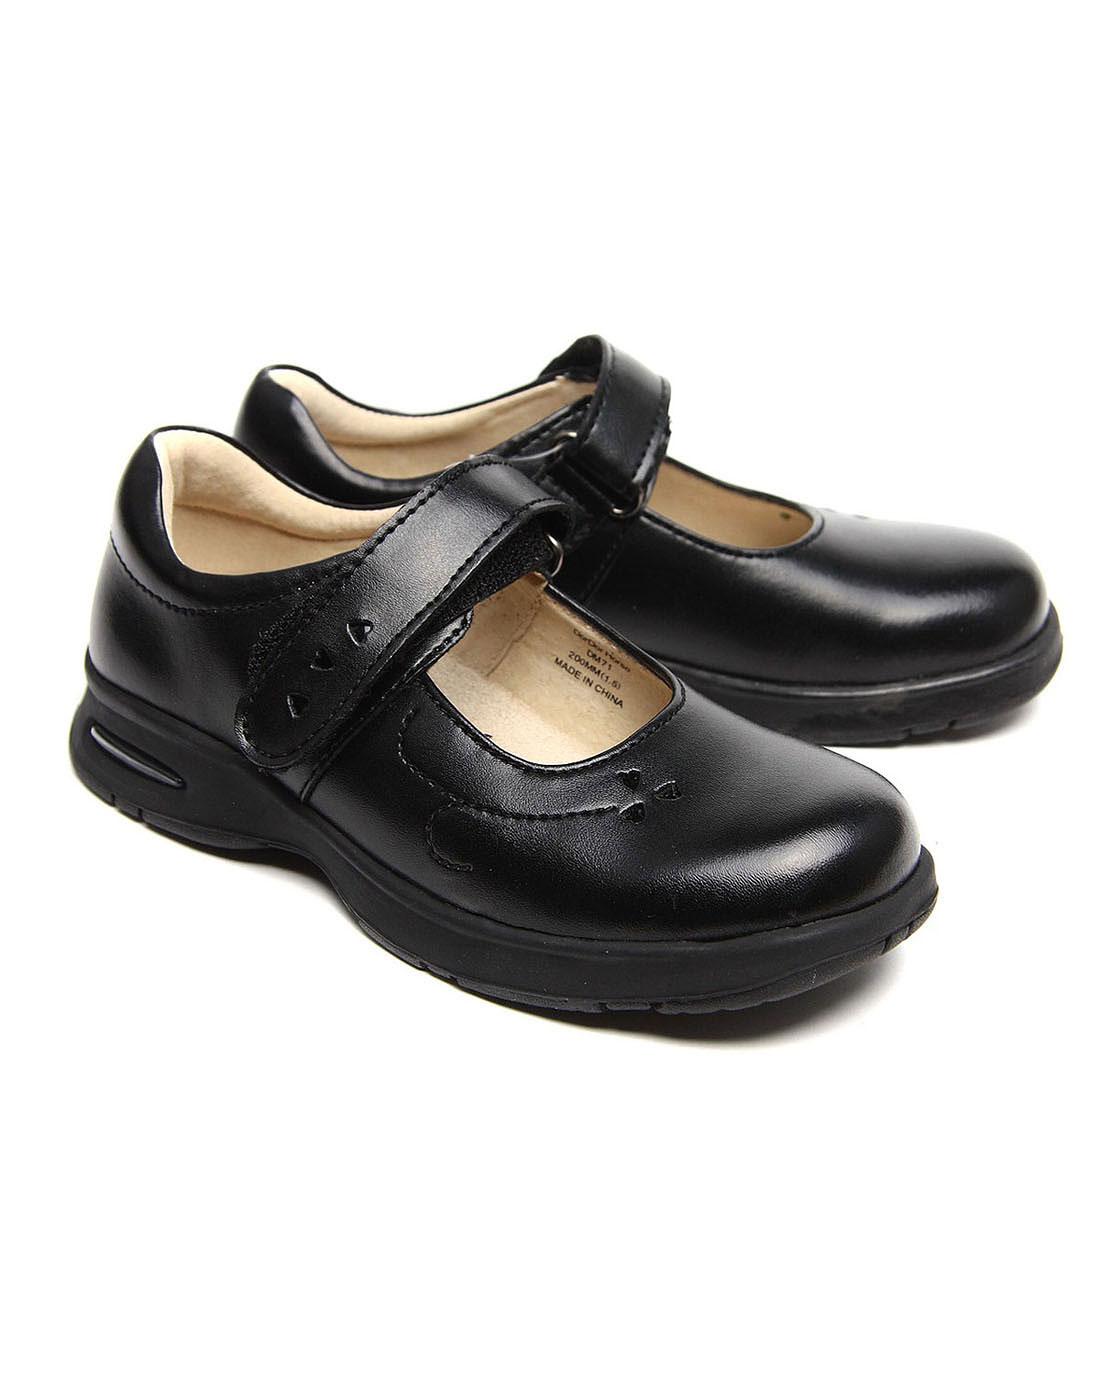 学生鞋_家直销学院风日韩小清新帆布休闲女学生鞋两